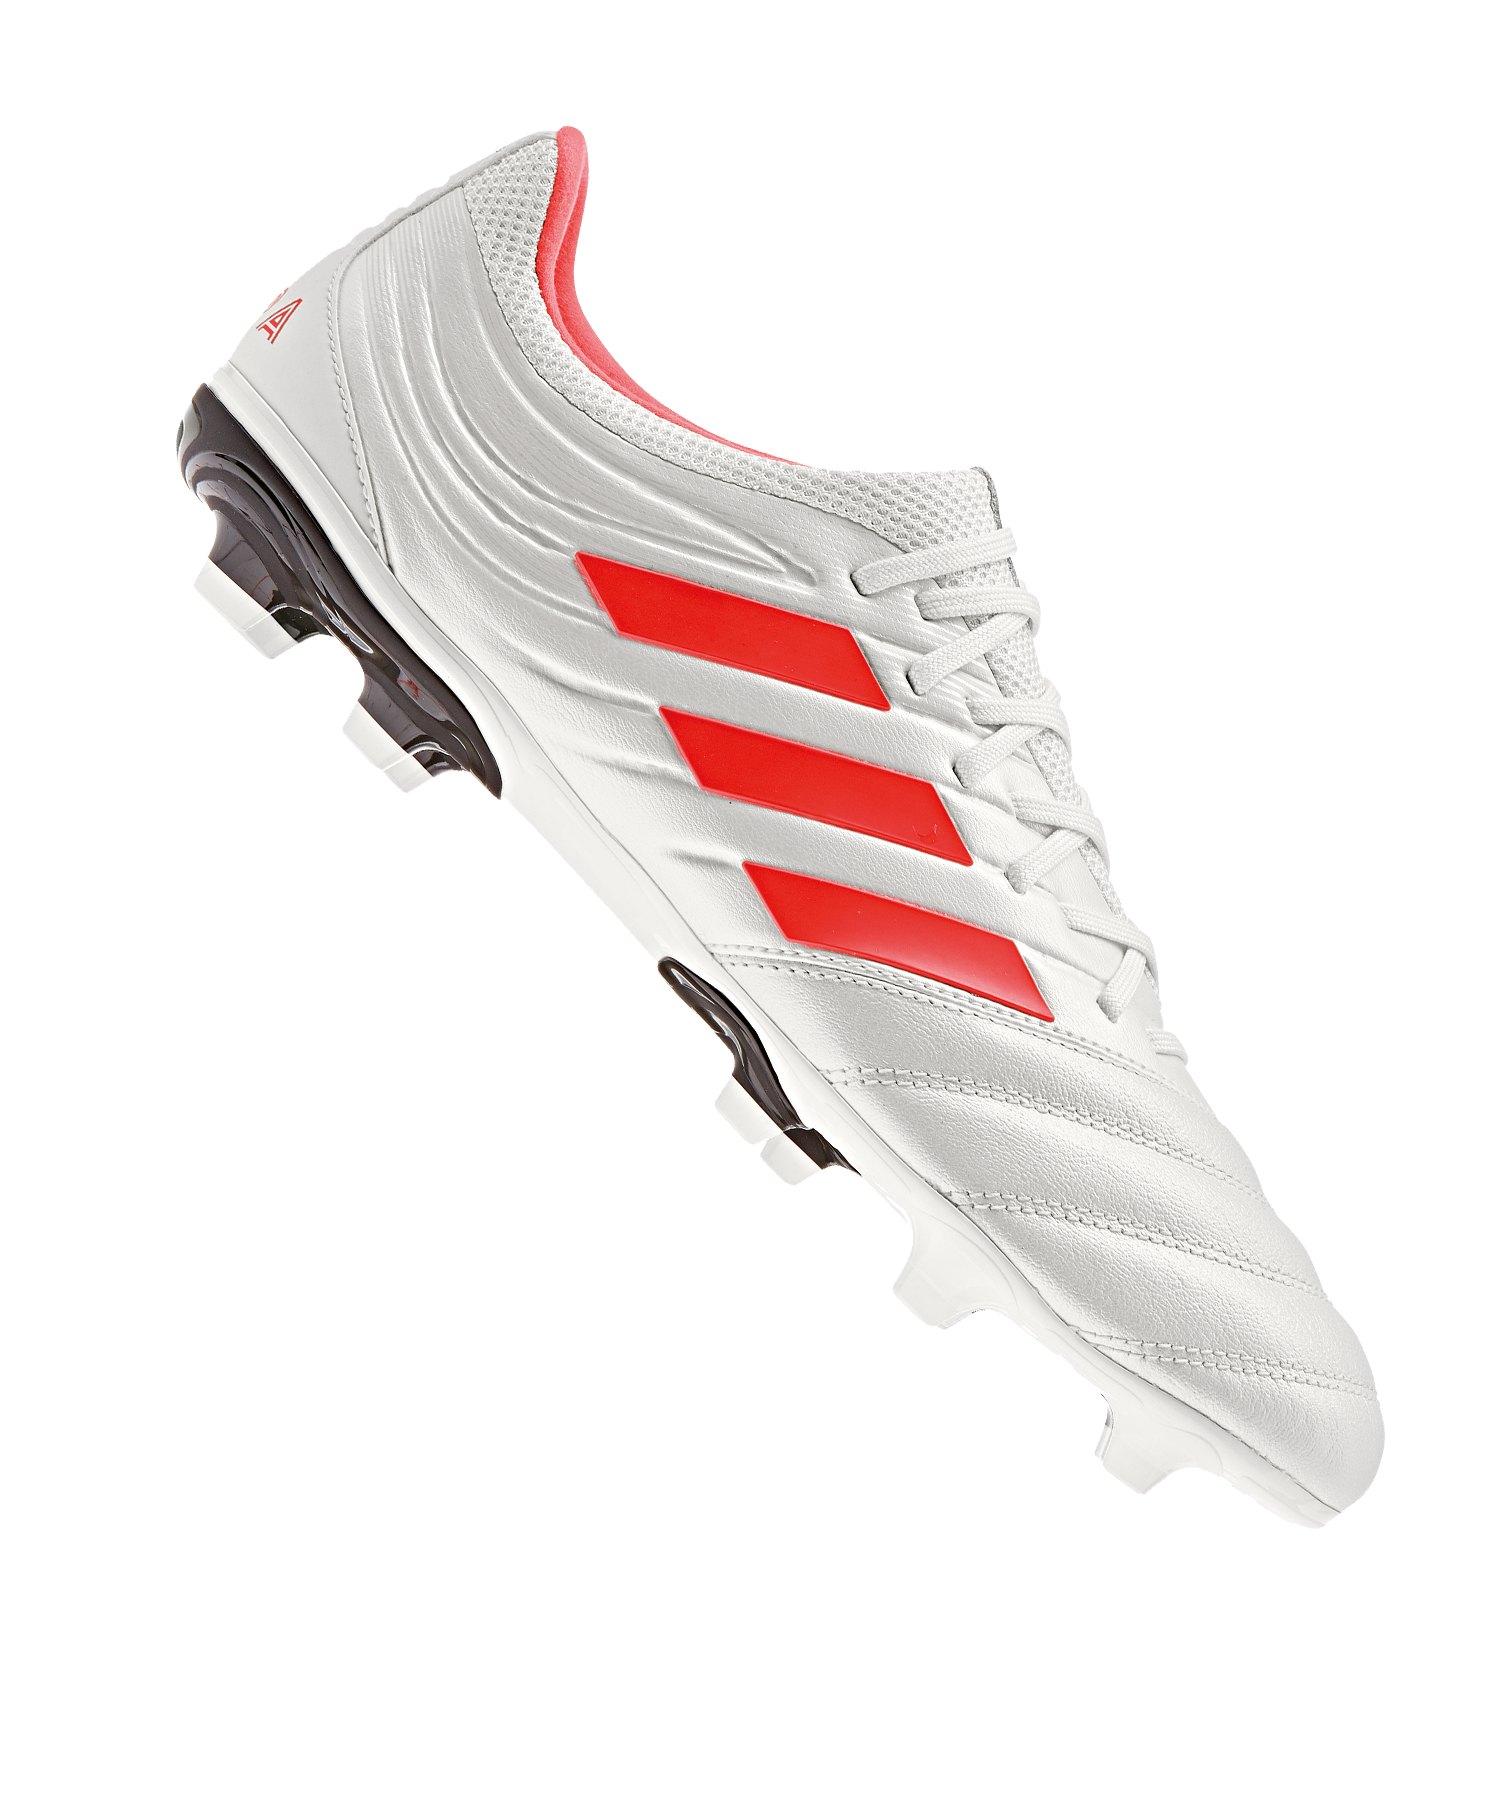 adidas COPA 19.3 FG Weiss Rot - weiss